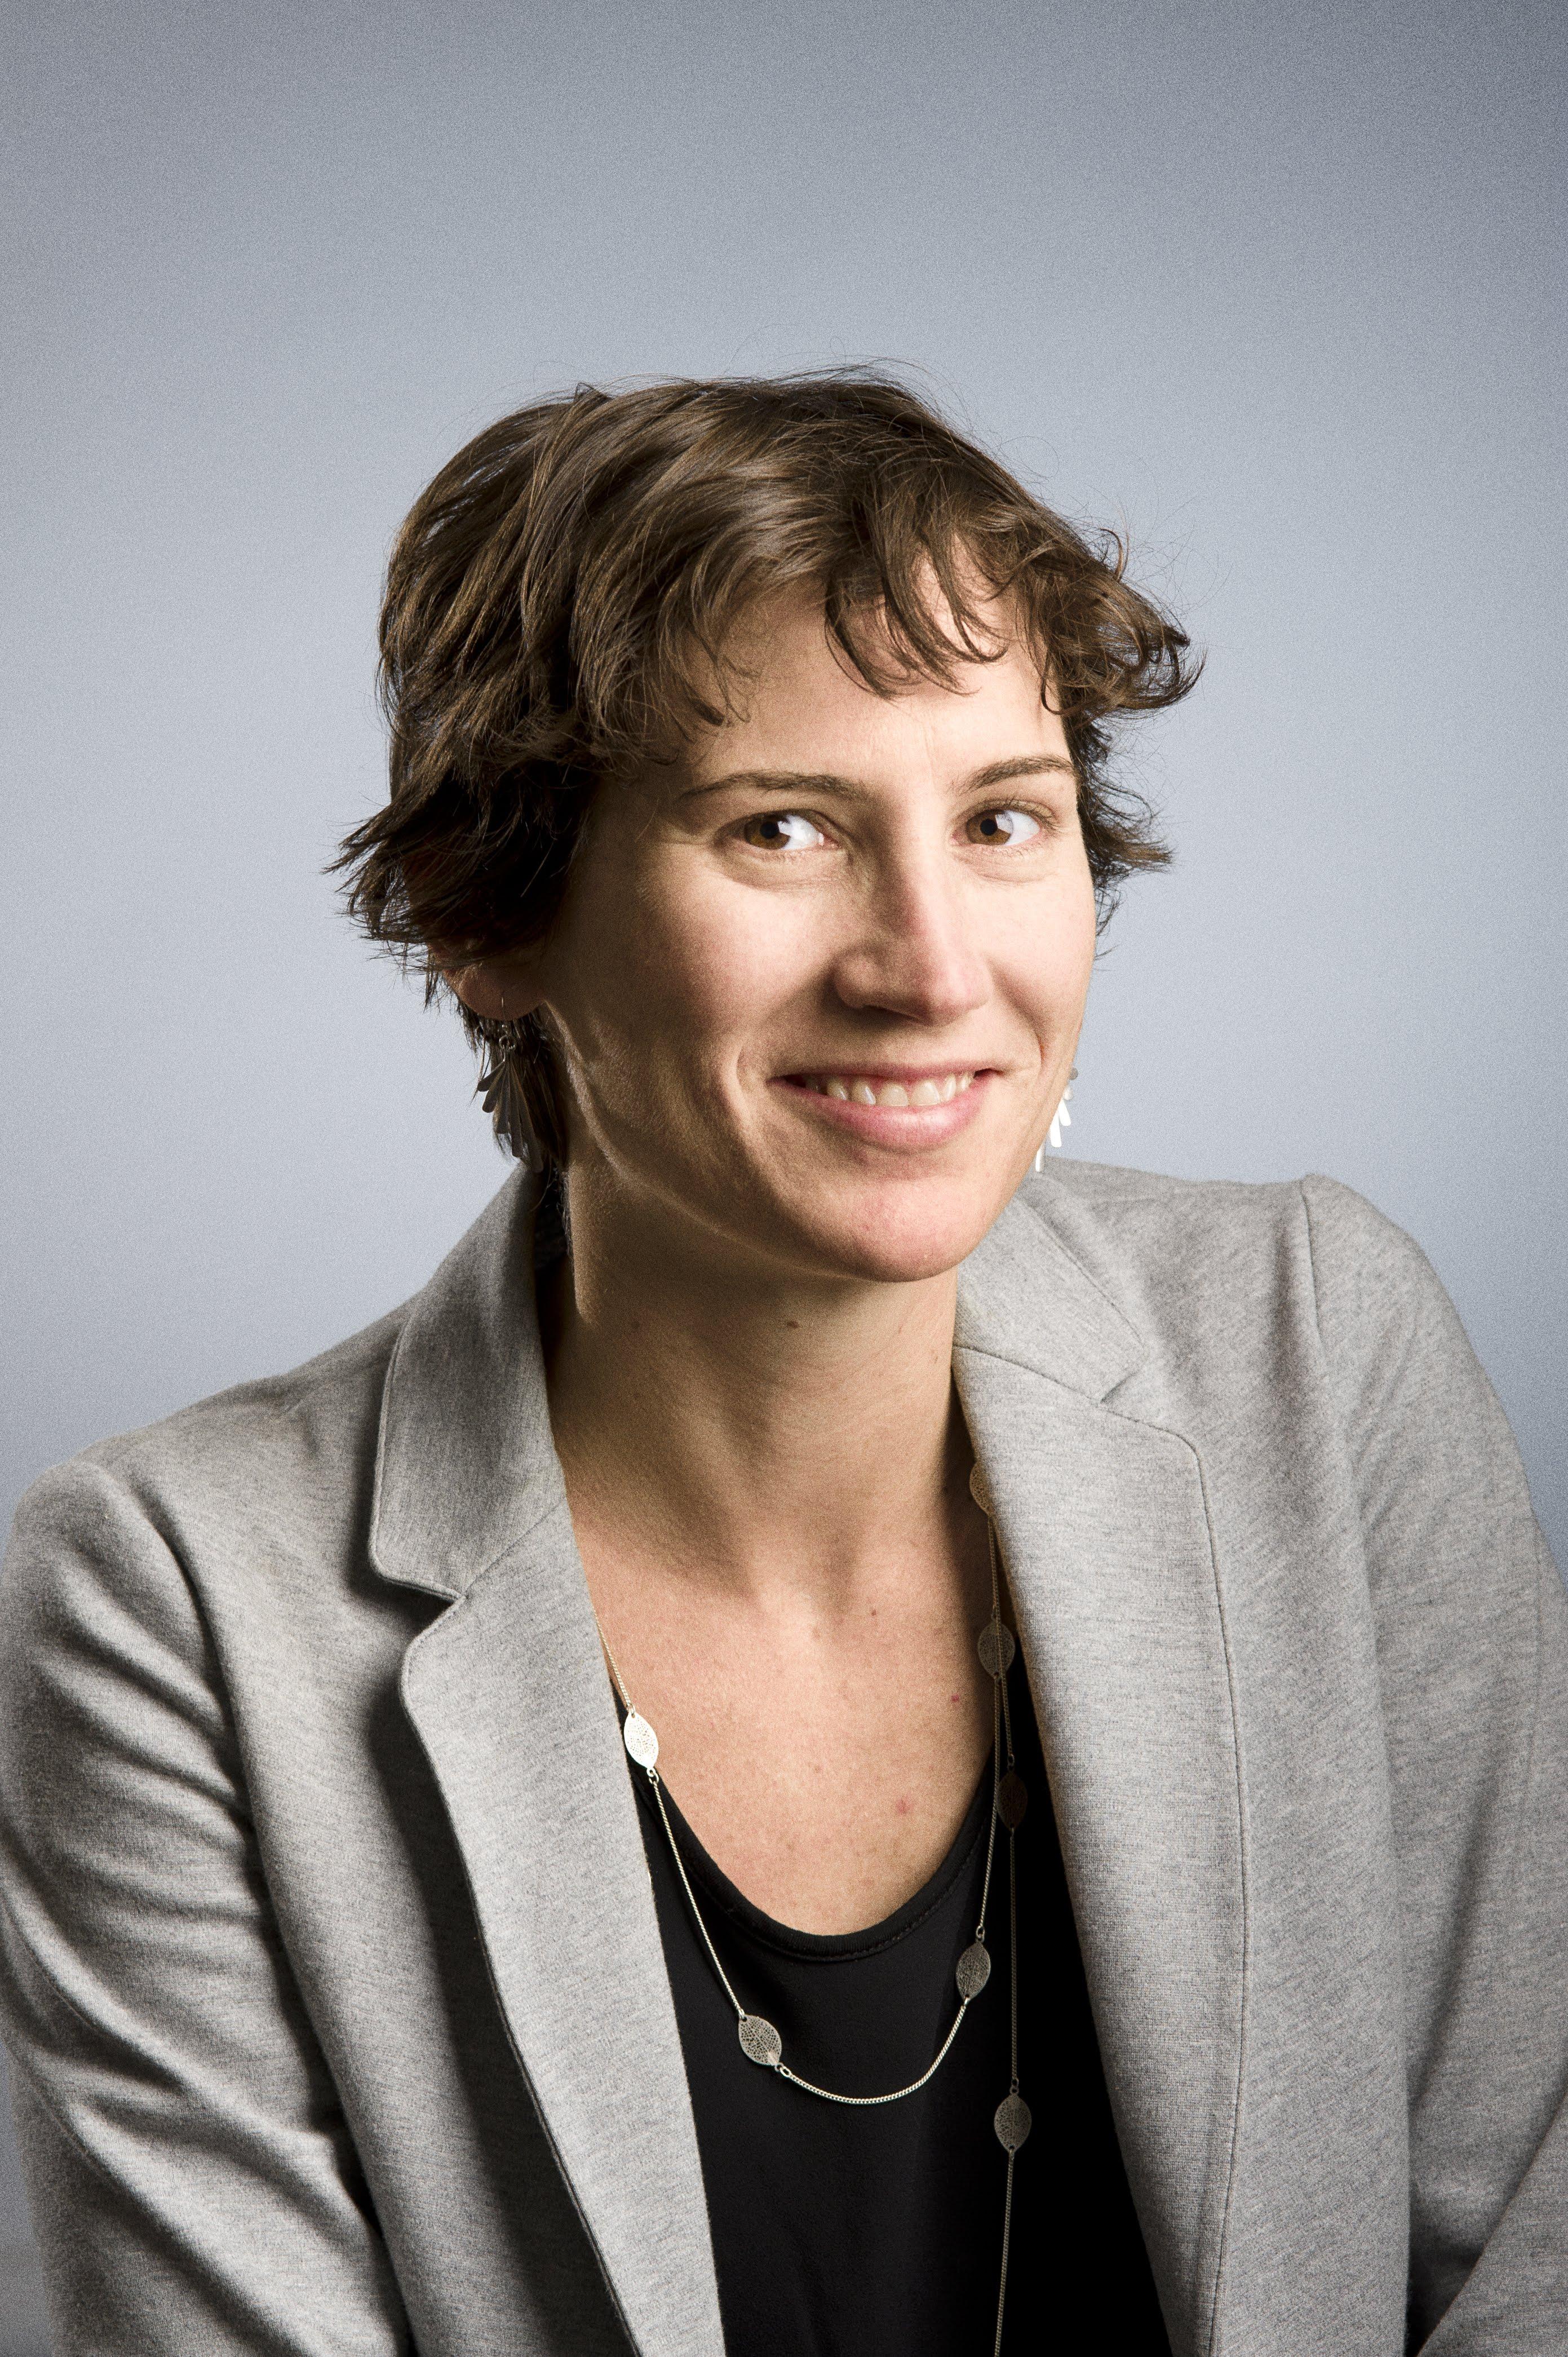 Melanie Bower